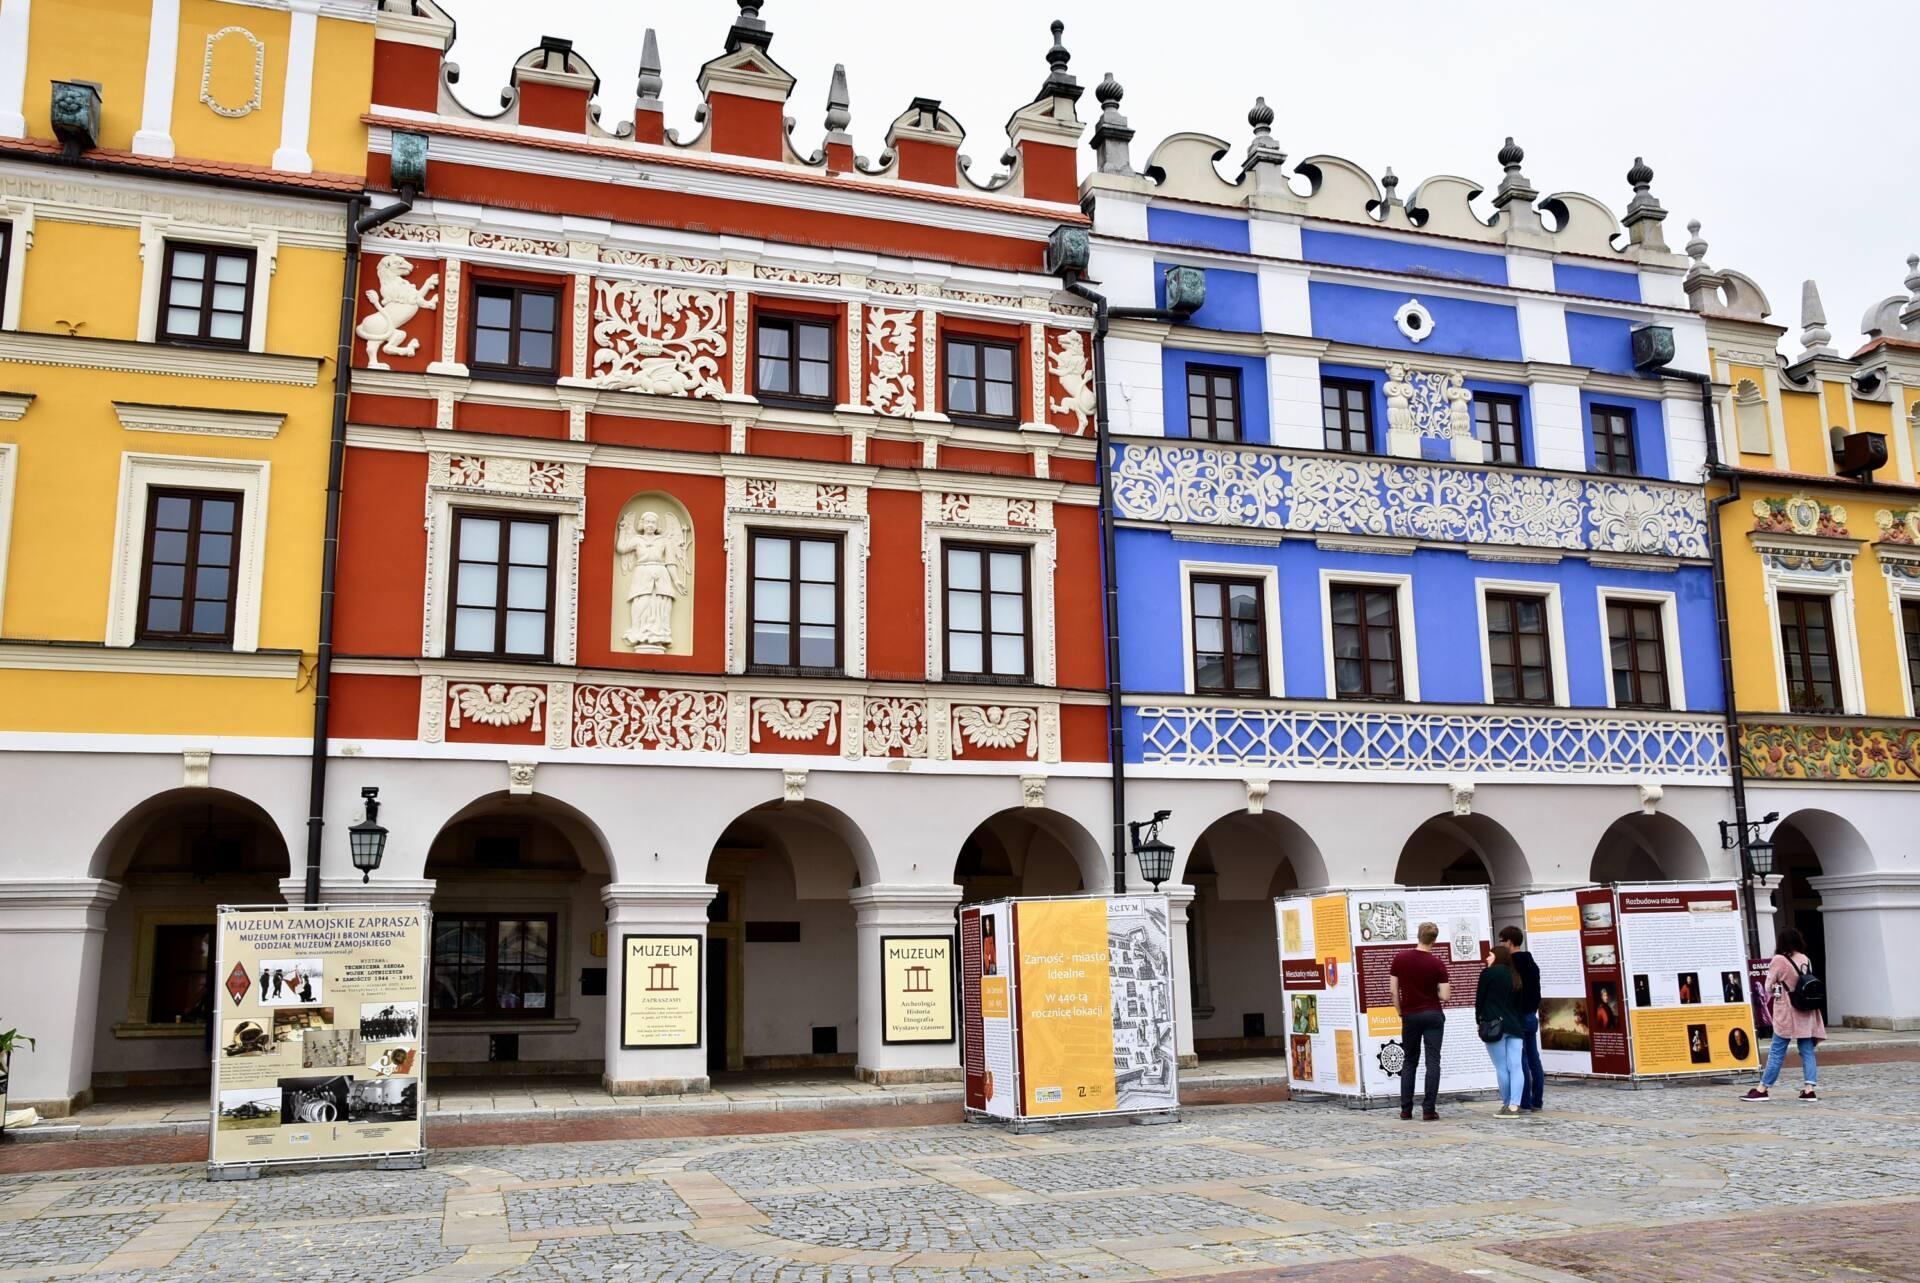 muzeum zamojskie starowka zamosc stare miasto Muzeum Zamojskie znów otwarte